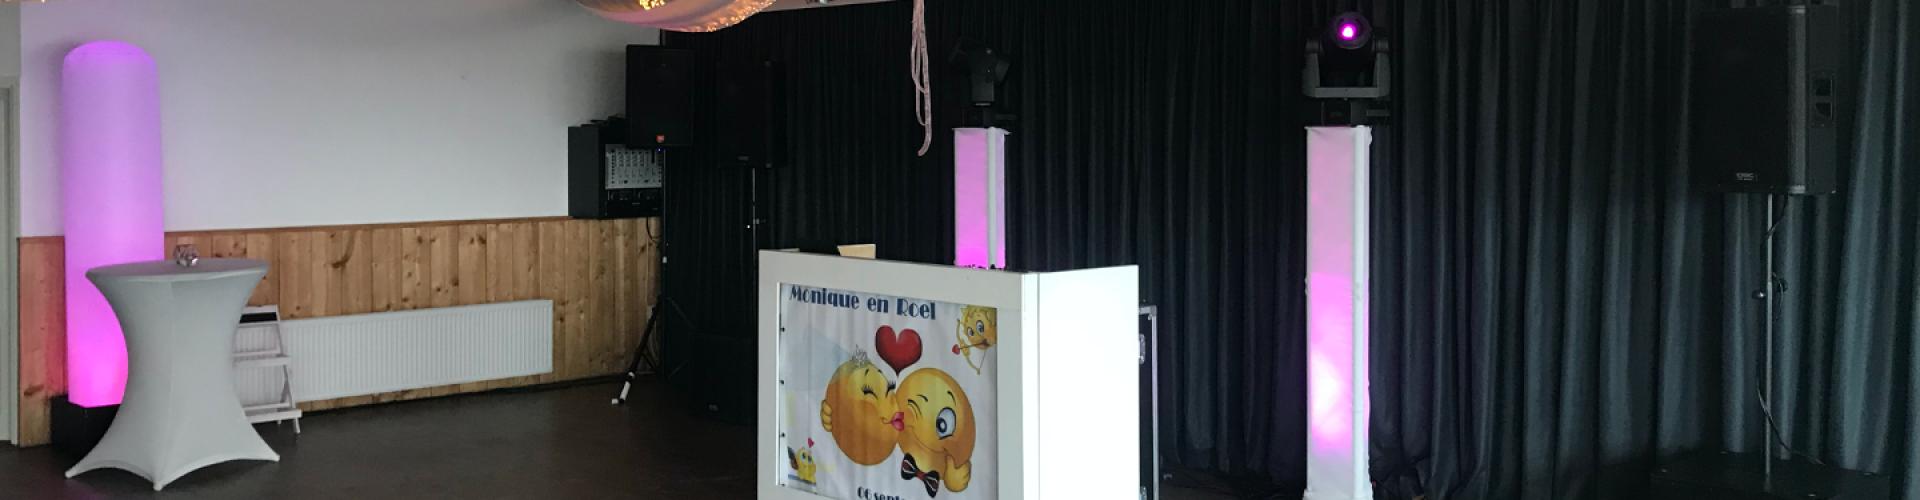 DJ huren in Zevenhuizen voor bruiloft Ambitious DJ hier voor exclusieve bruiloft in Gouda